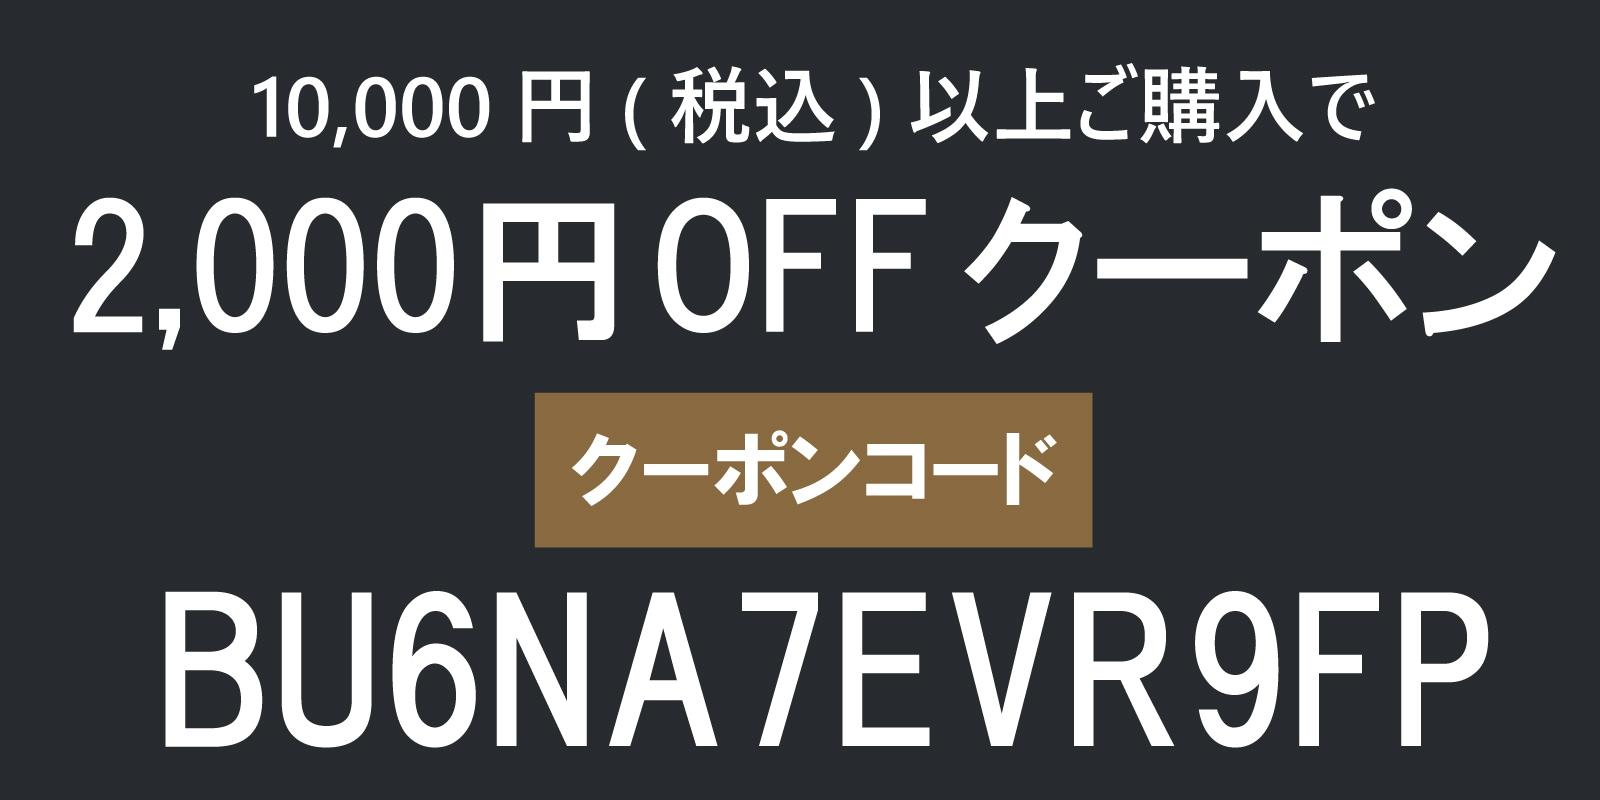 ★1万円以上お買い上げでクーポンご利用頂けます★【BU6NA7EVR9FP】